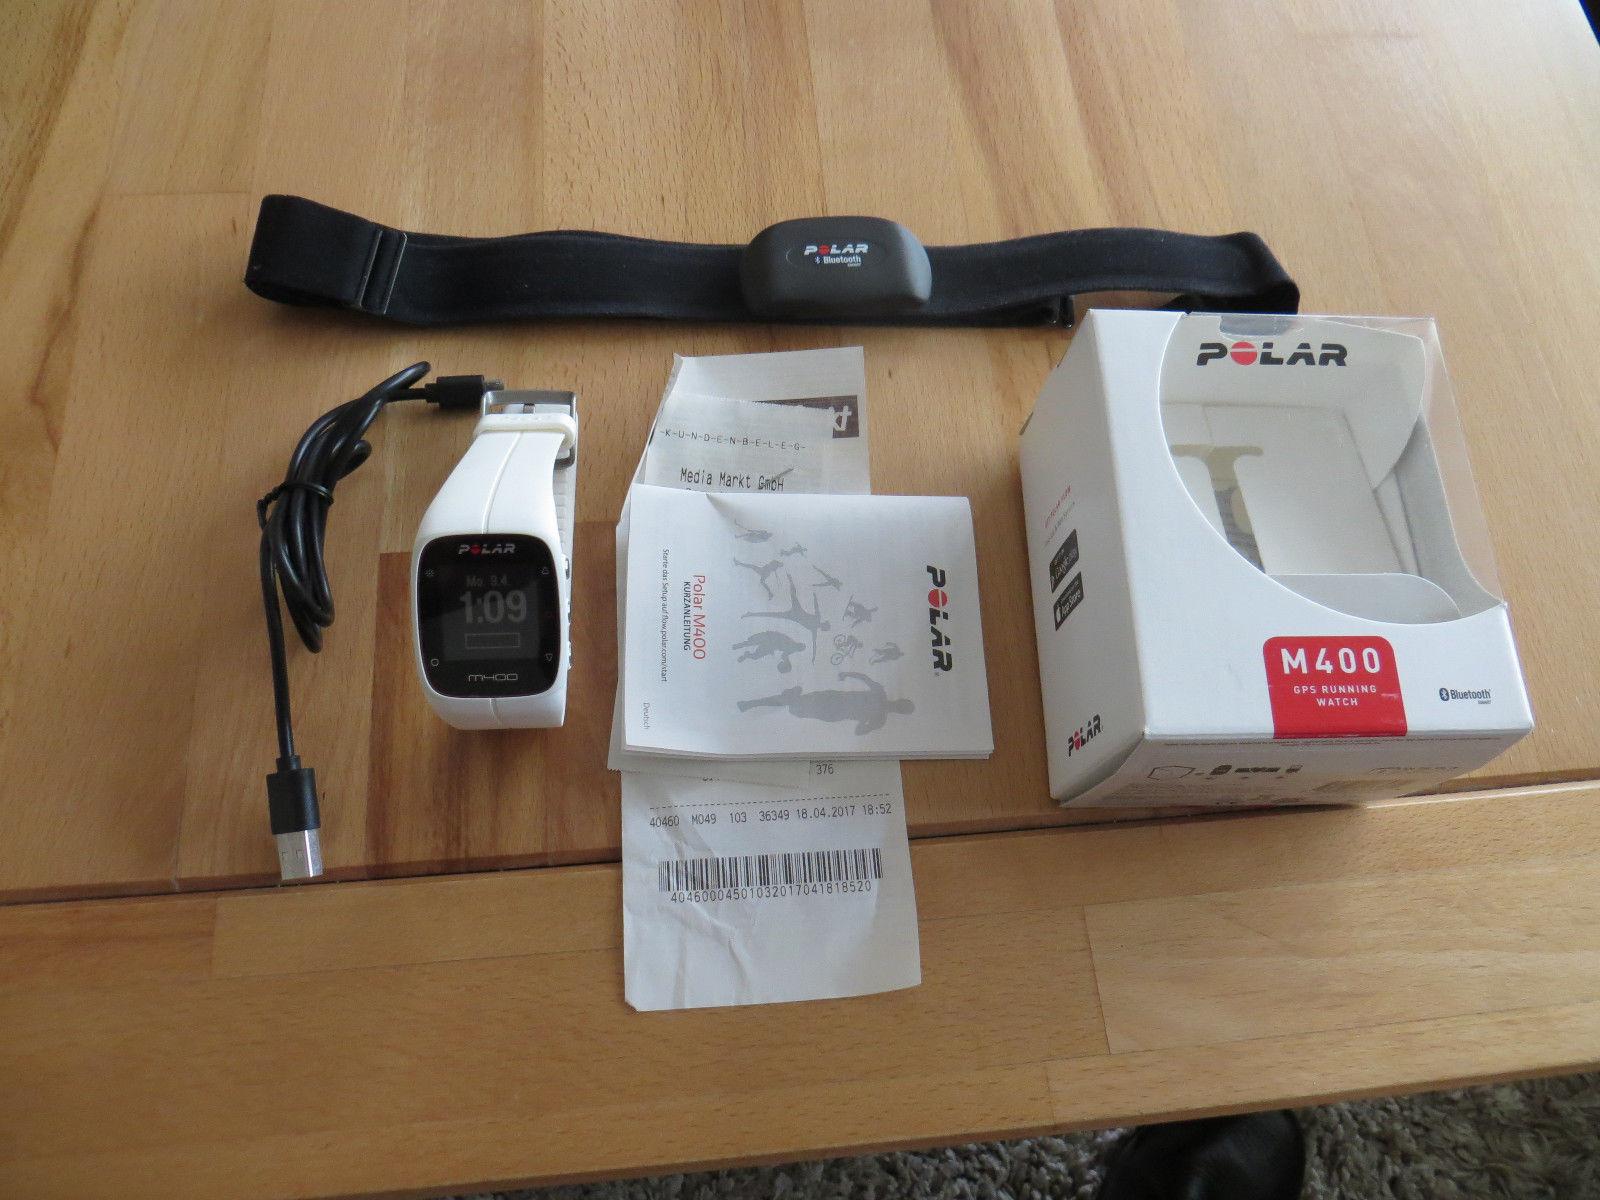 Polar M400, weiß, mit Brustgurt GPS Sportuhr, Restgarantie und wenig genutzt!